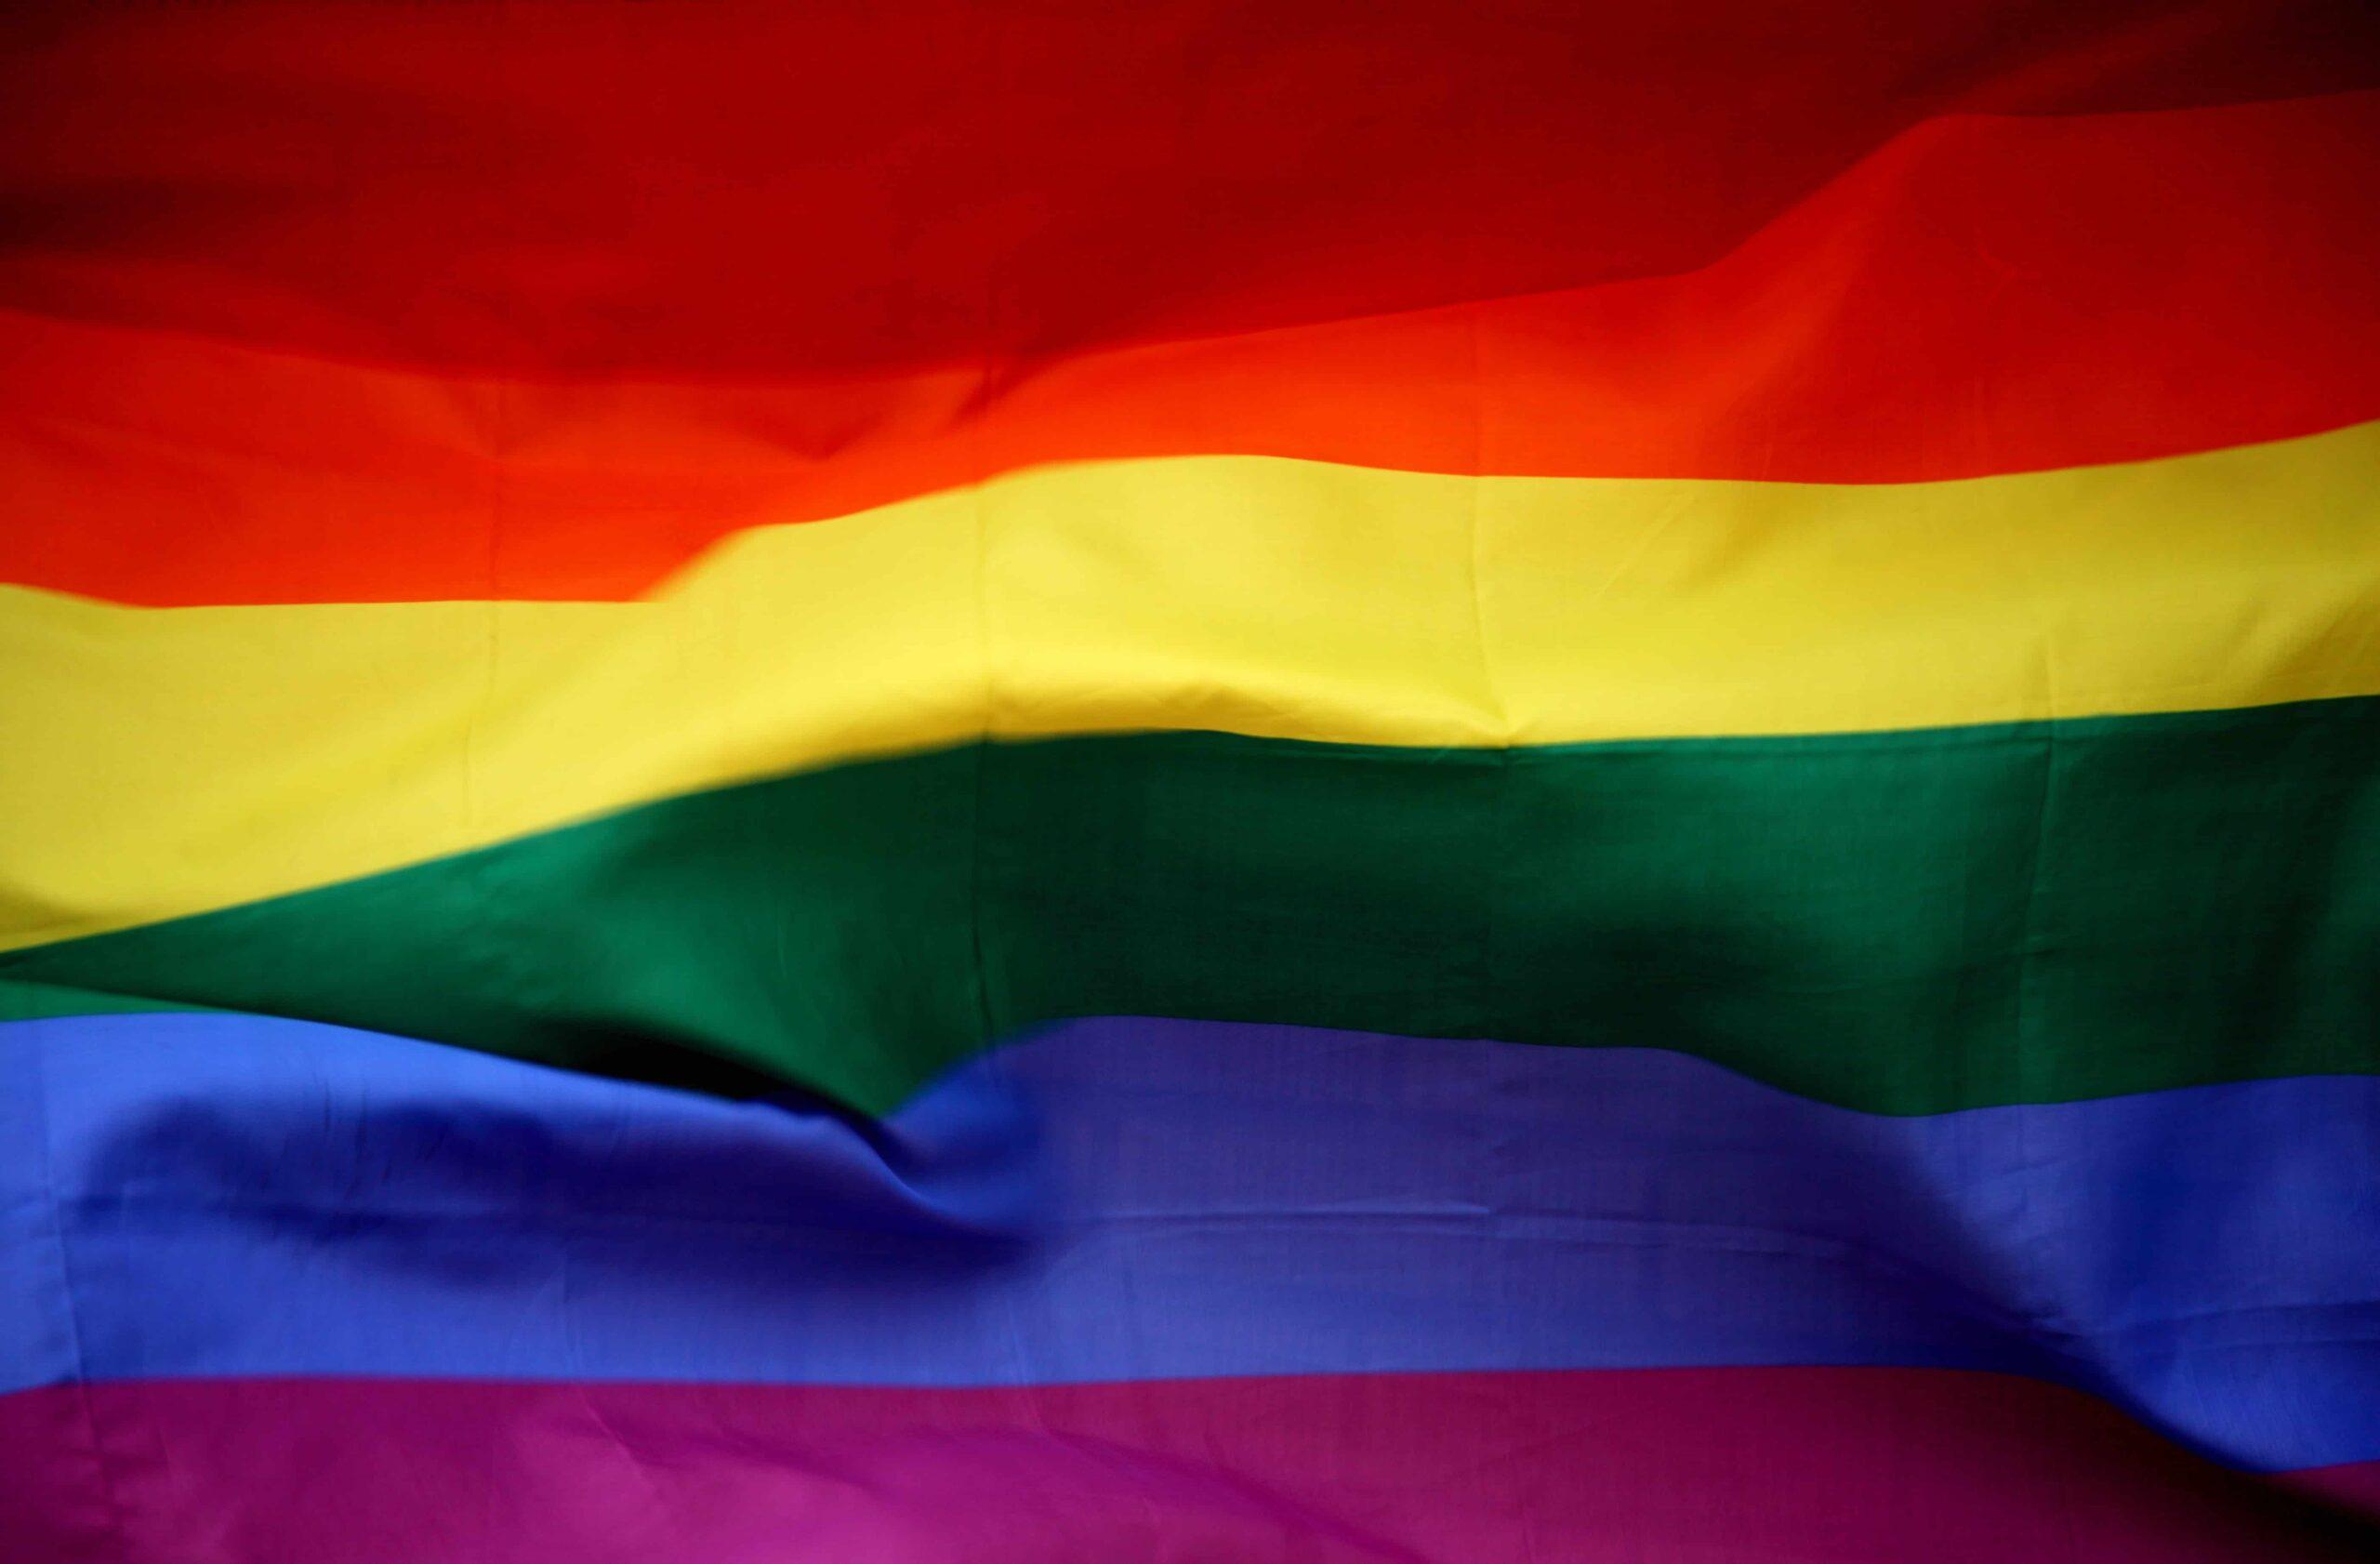 LBGT Flag for Pride Month